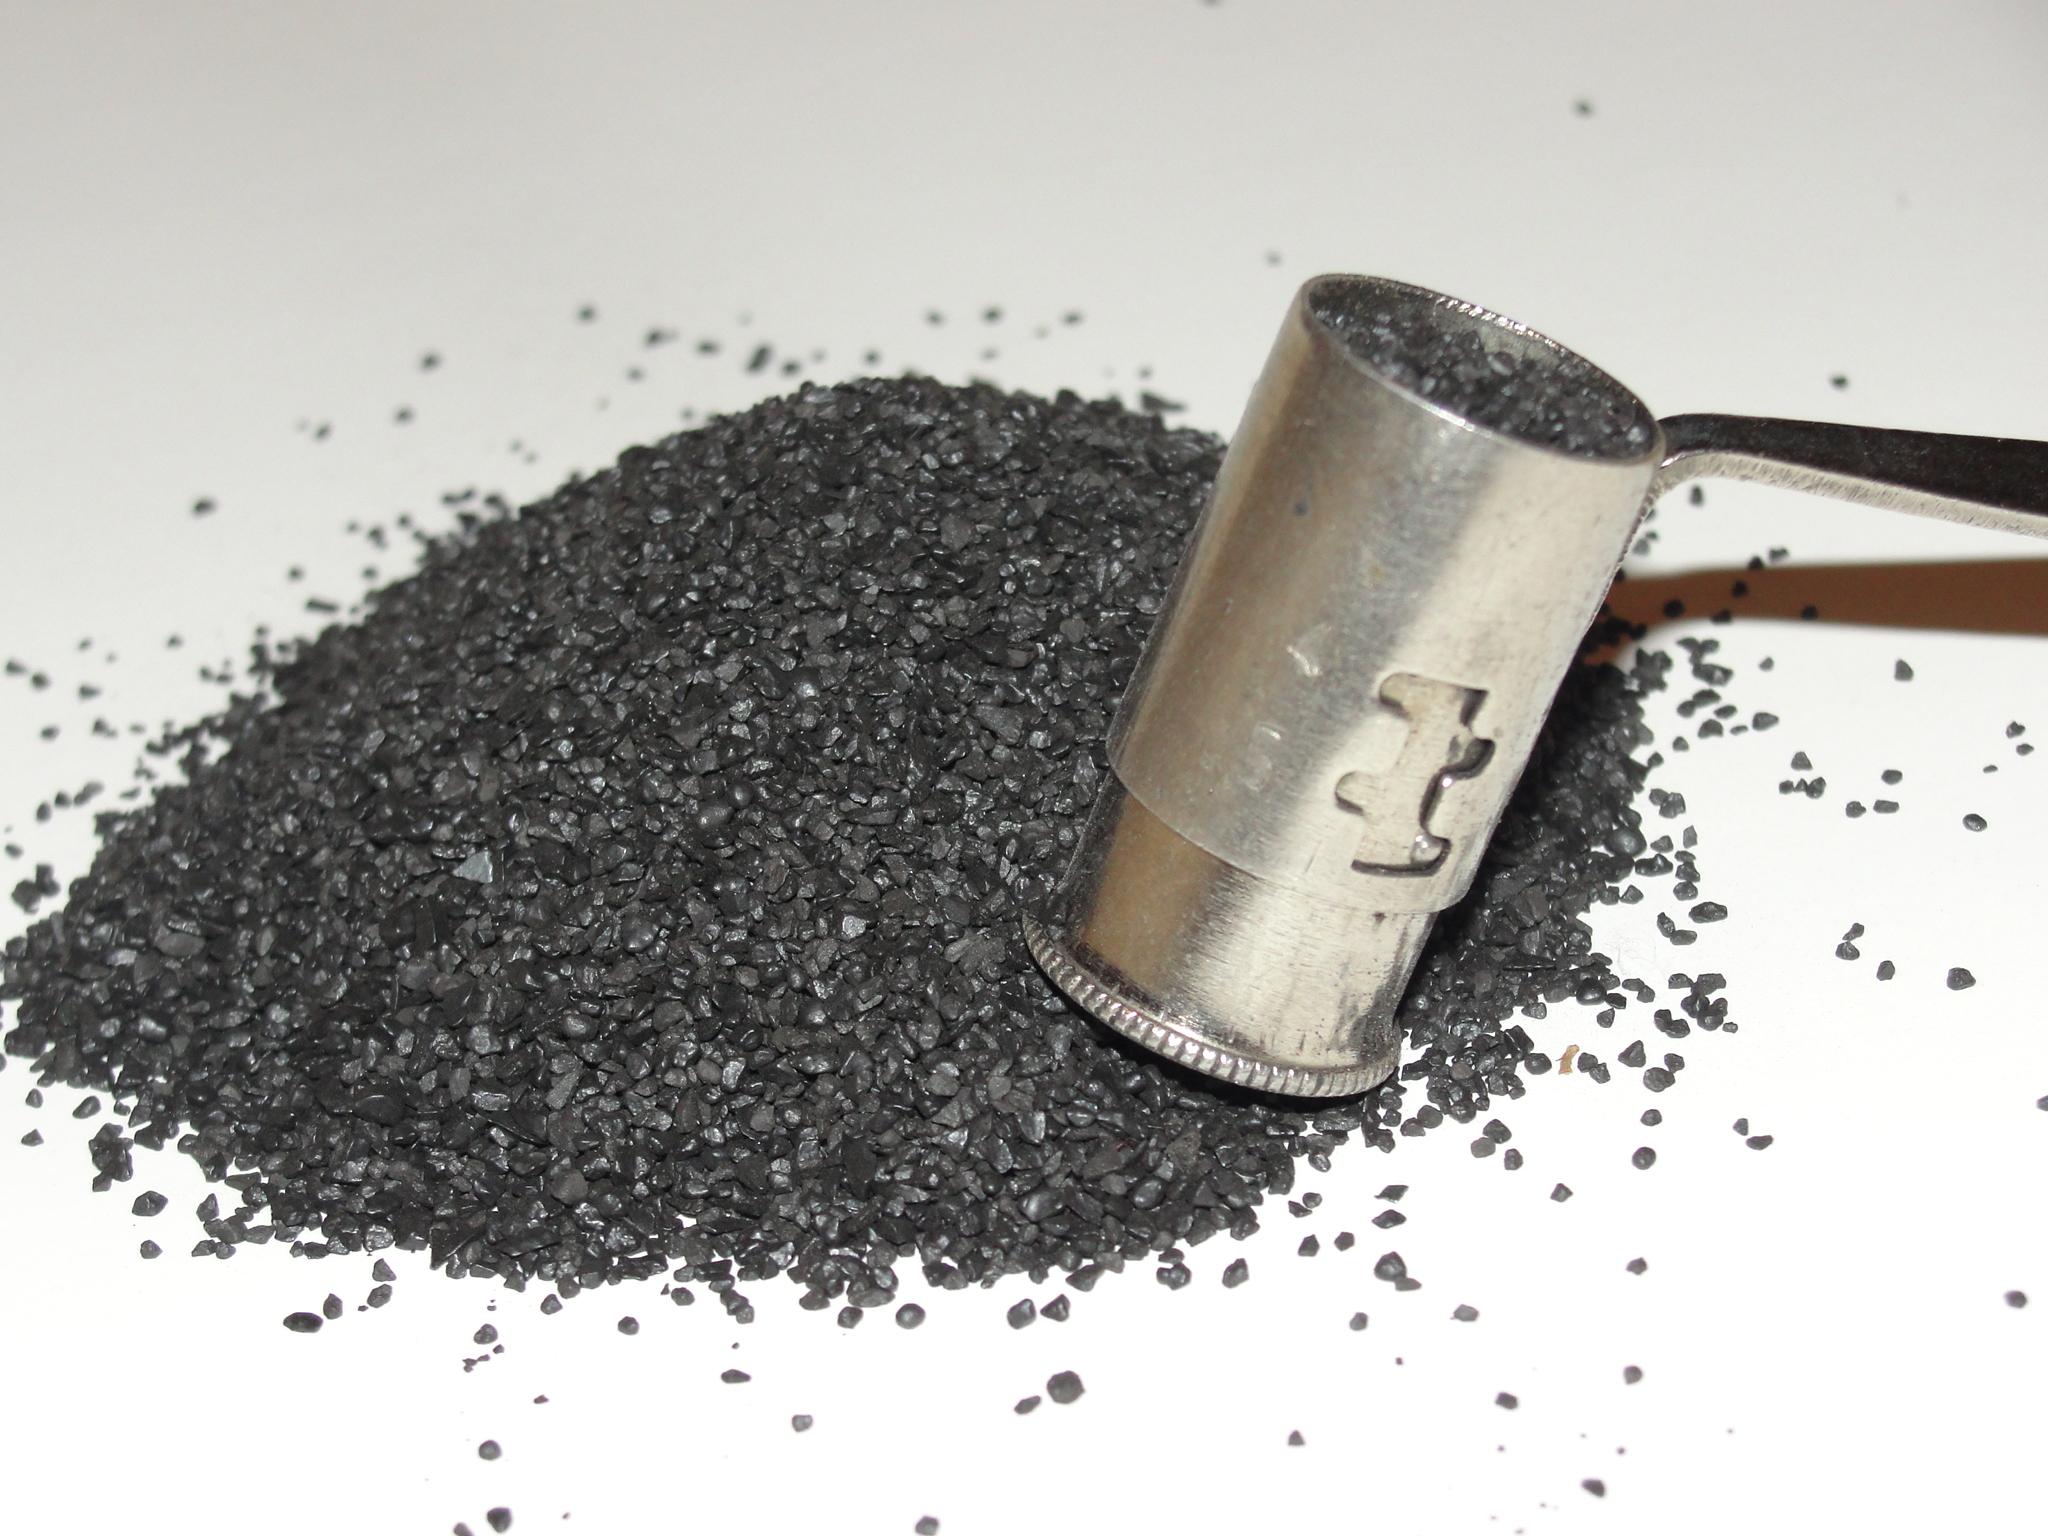 Is Black Powder Found In Nature